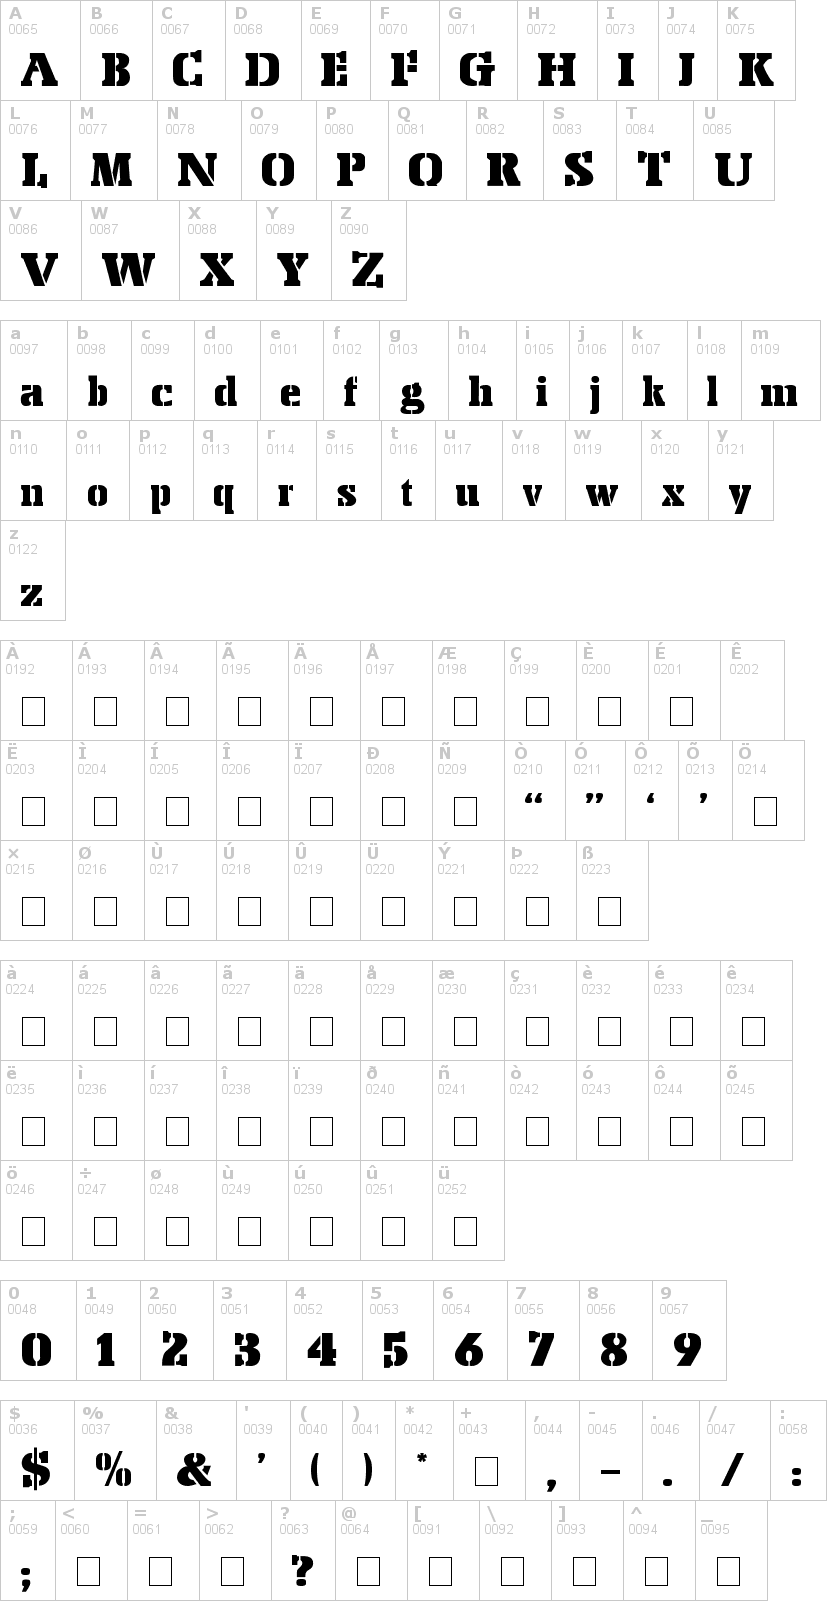 Lettere dell'alfabeto del font stencil-export con le quali è possibile realizzare adesivi prespaziati